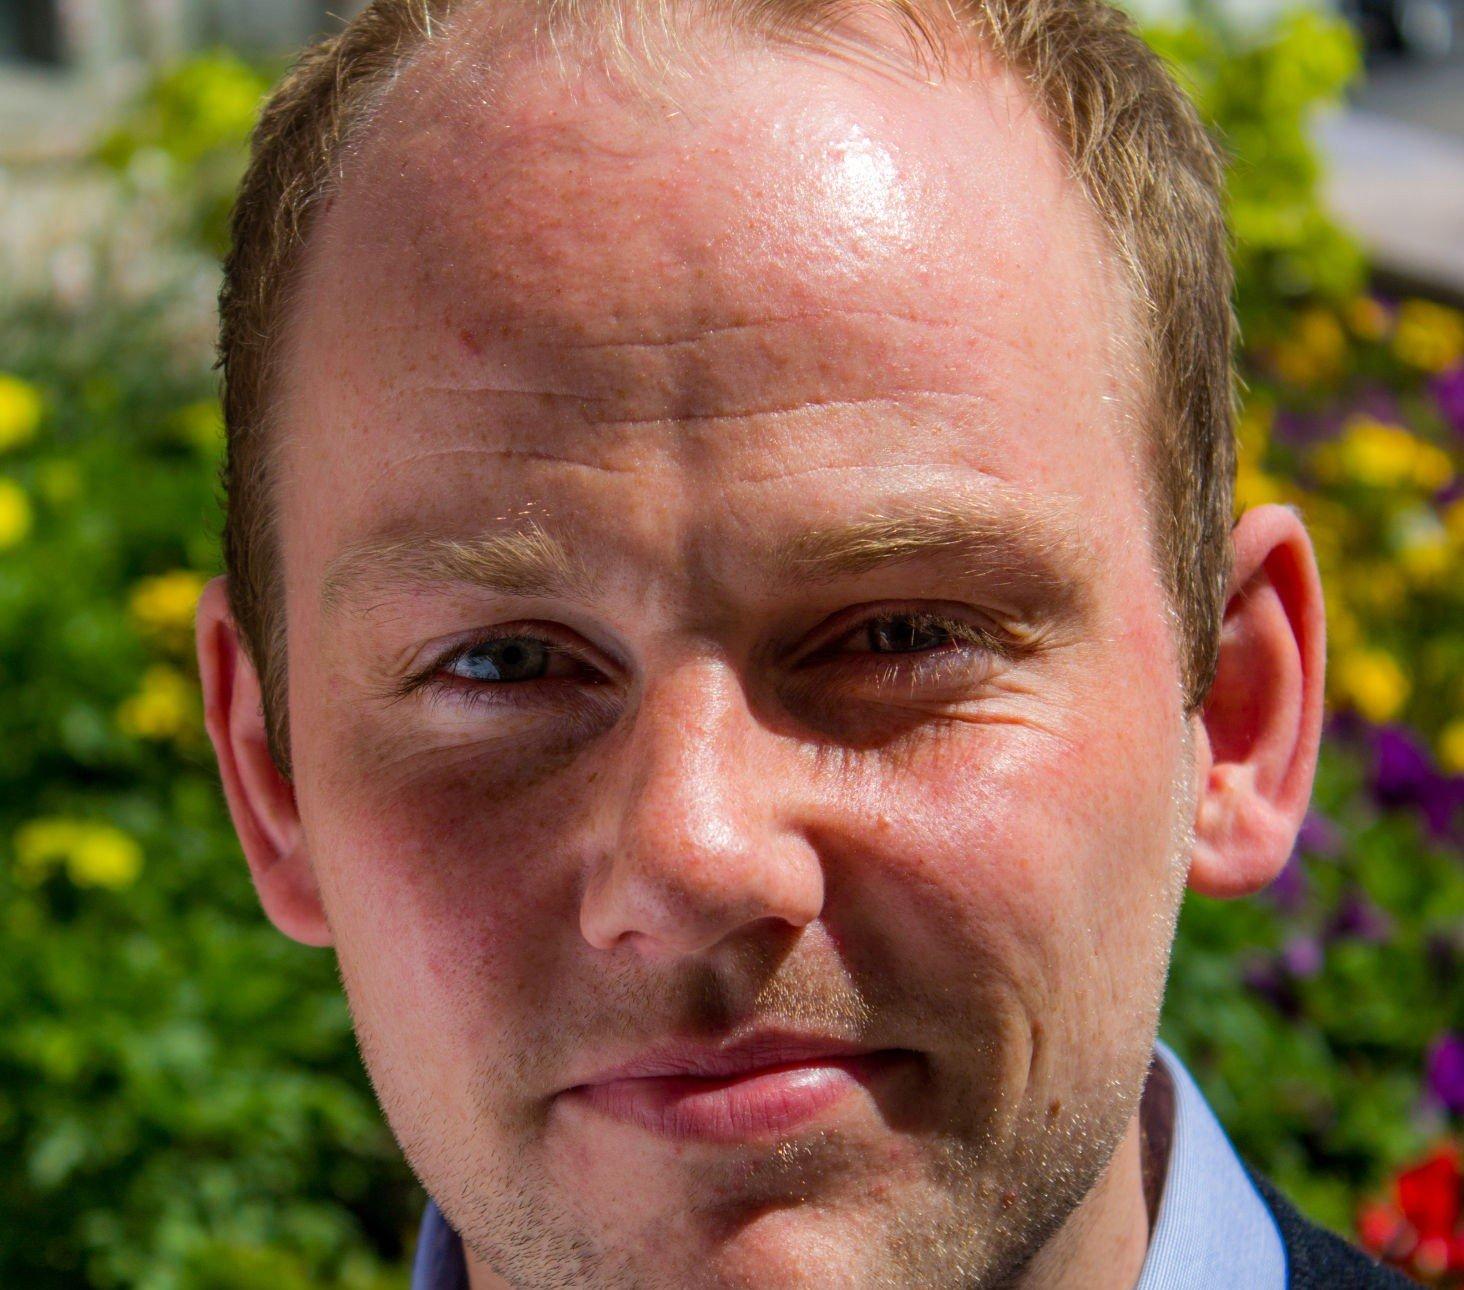 Anders Kvernmo Langset, leder av Norsk studentorganisjon (NSO), mener at Norge vil tape på å innføre skolepenger for studenter utenfor EU og EØS. - Det betyr en sterk «europafisering» av studiestedene, som jeg ikke ser på som noen fordel, sier han til Nettavisen.